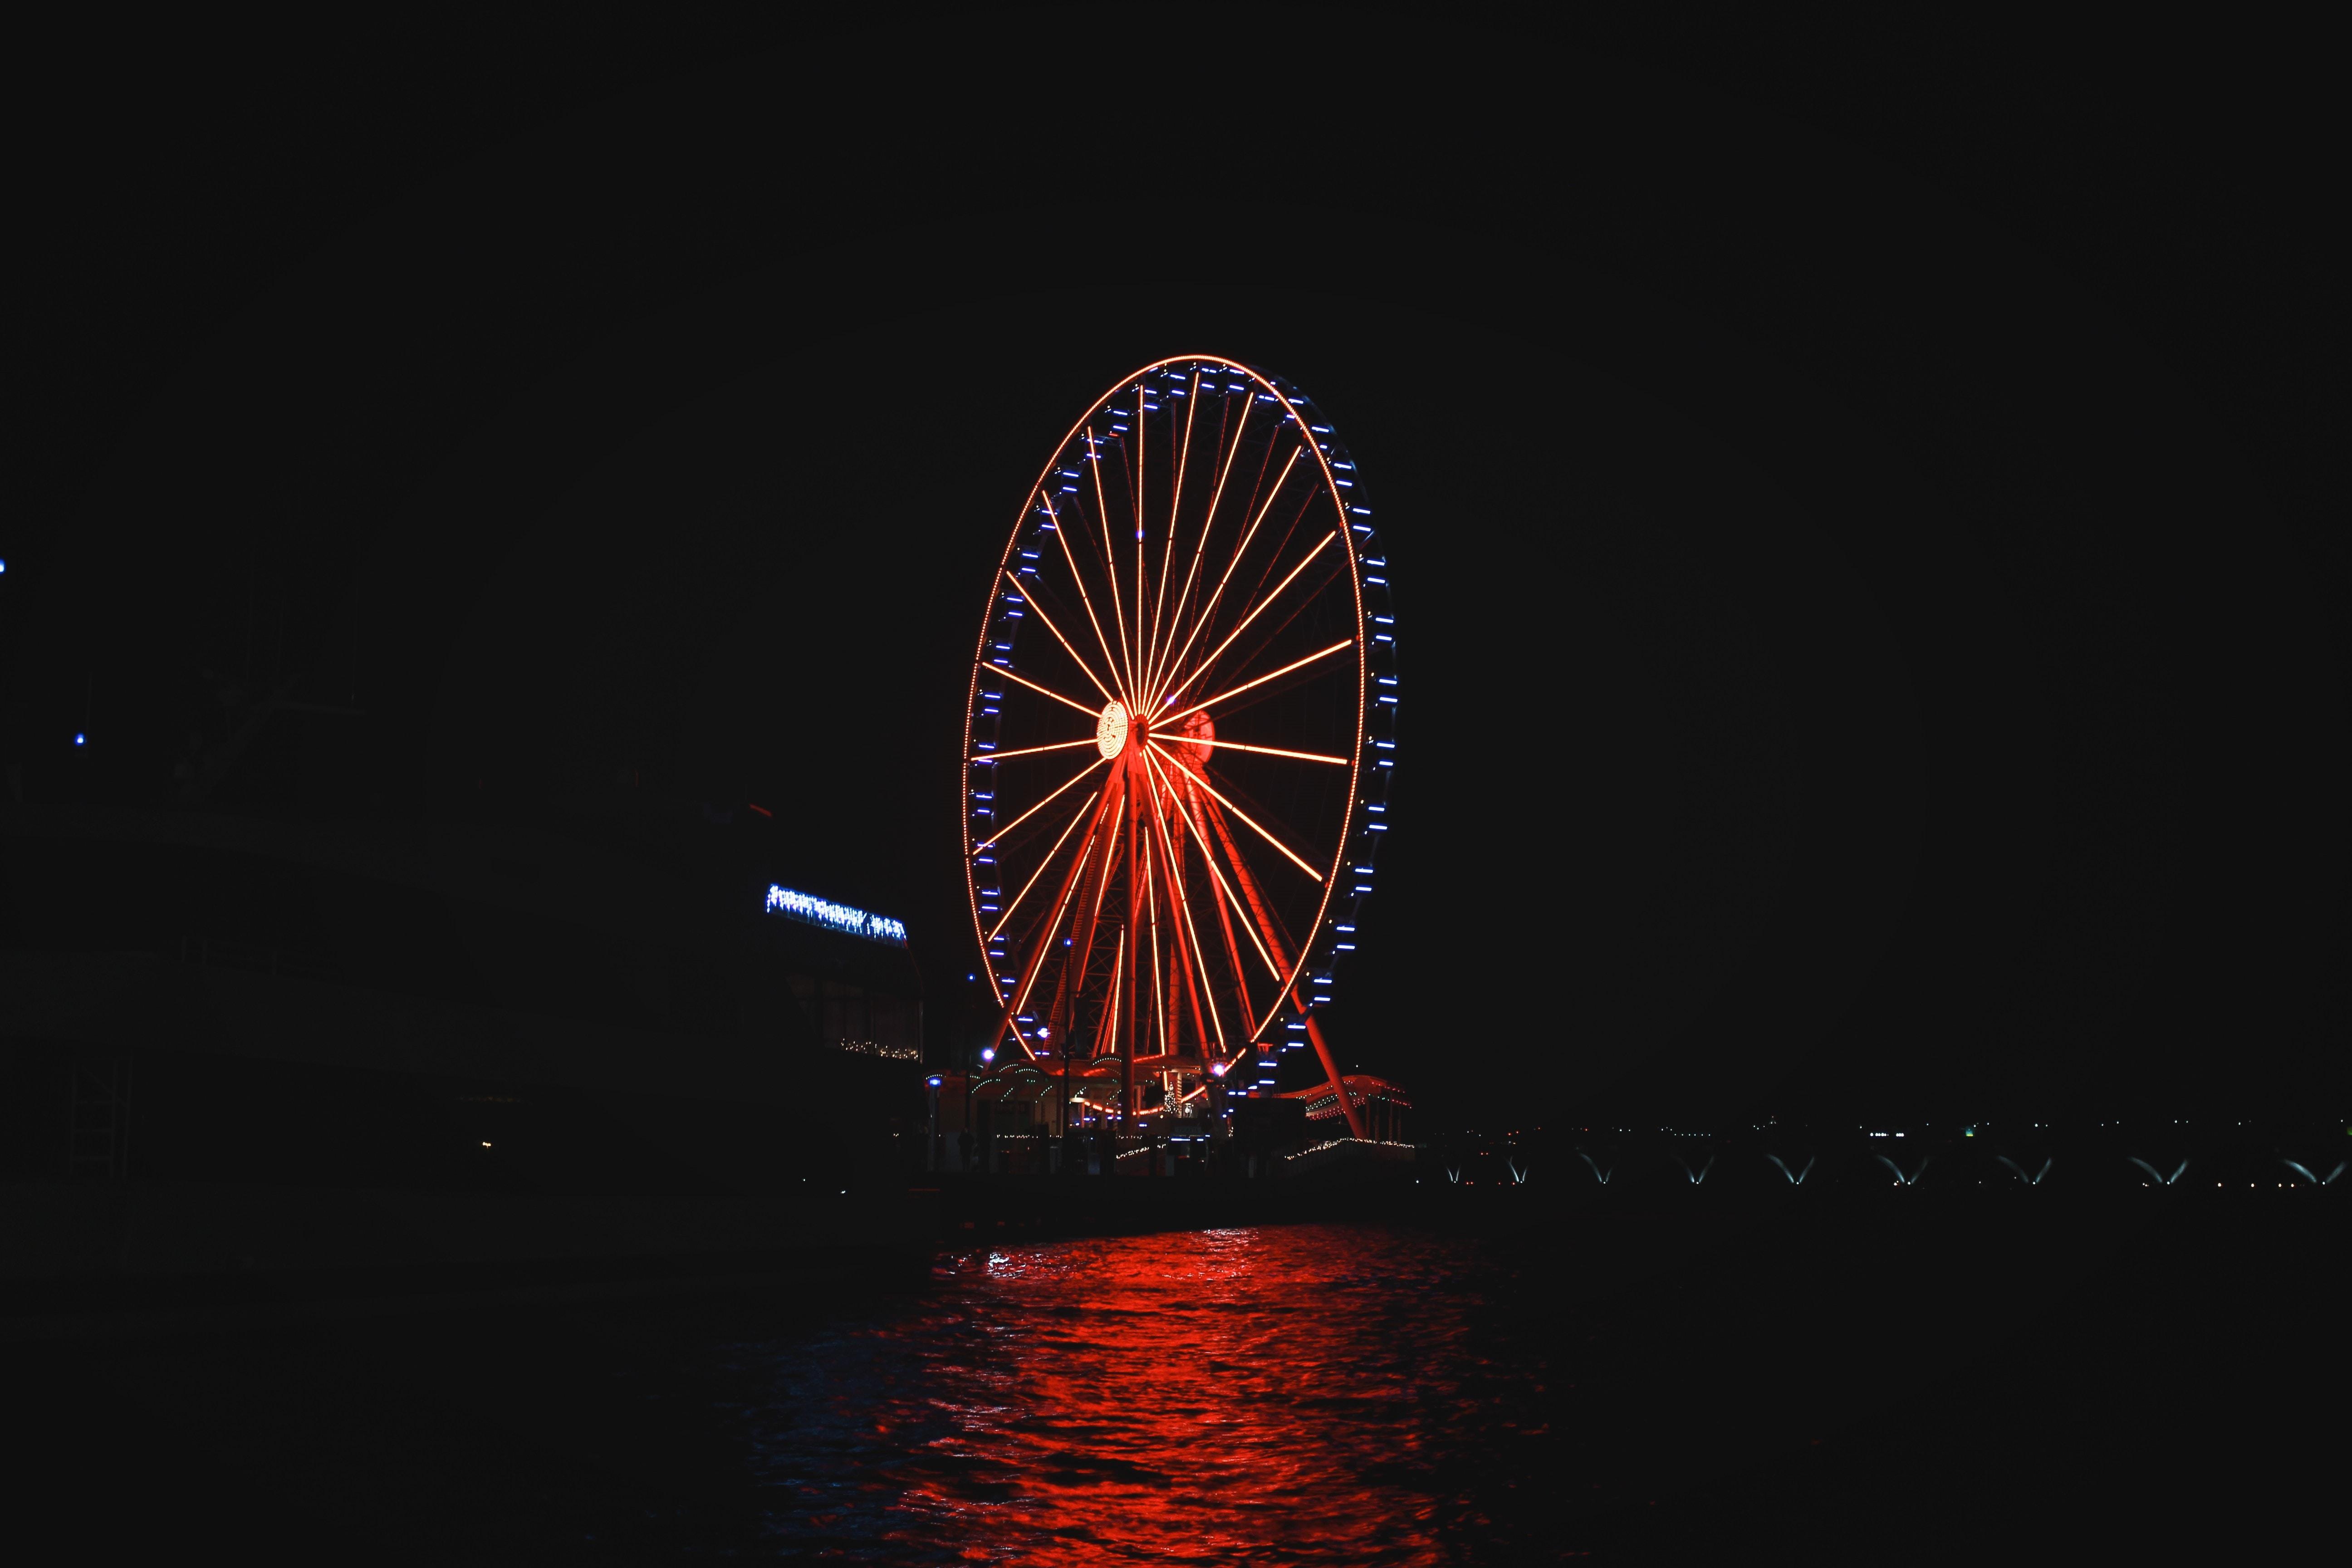 London Eye during nighttime